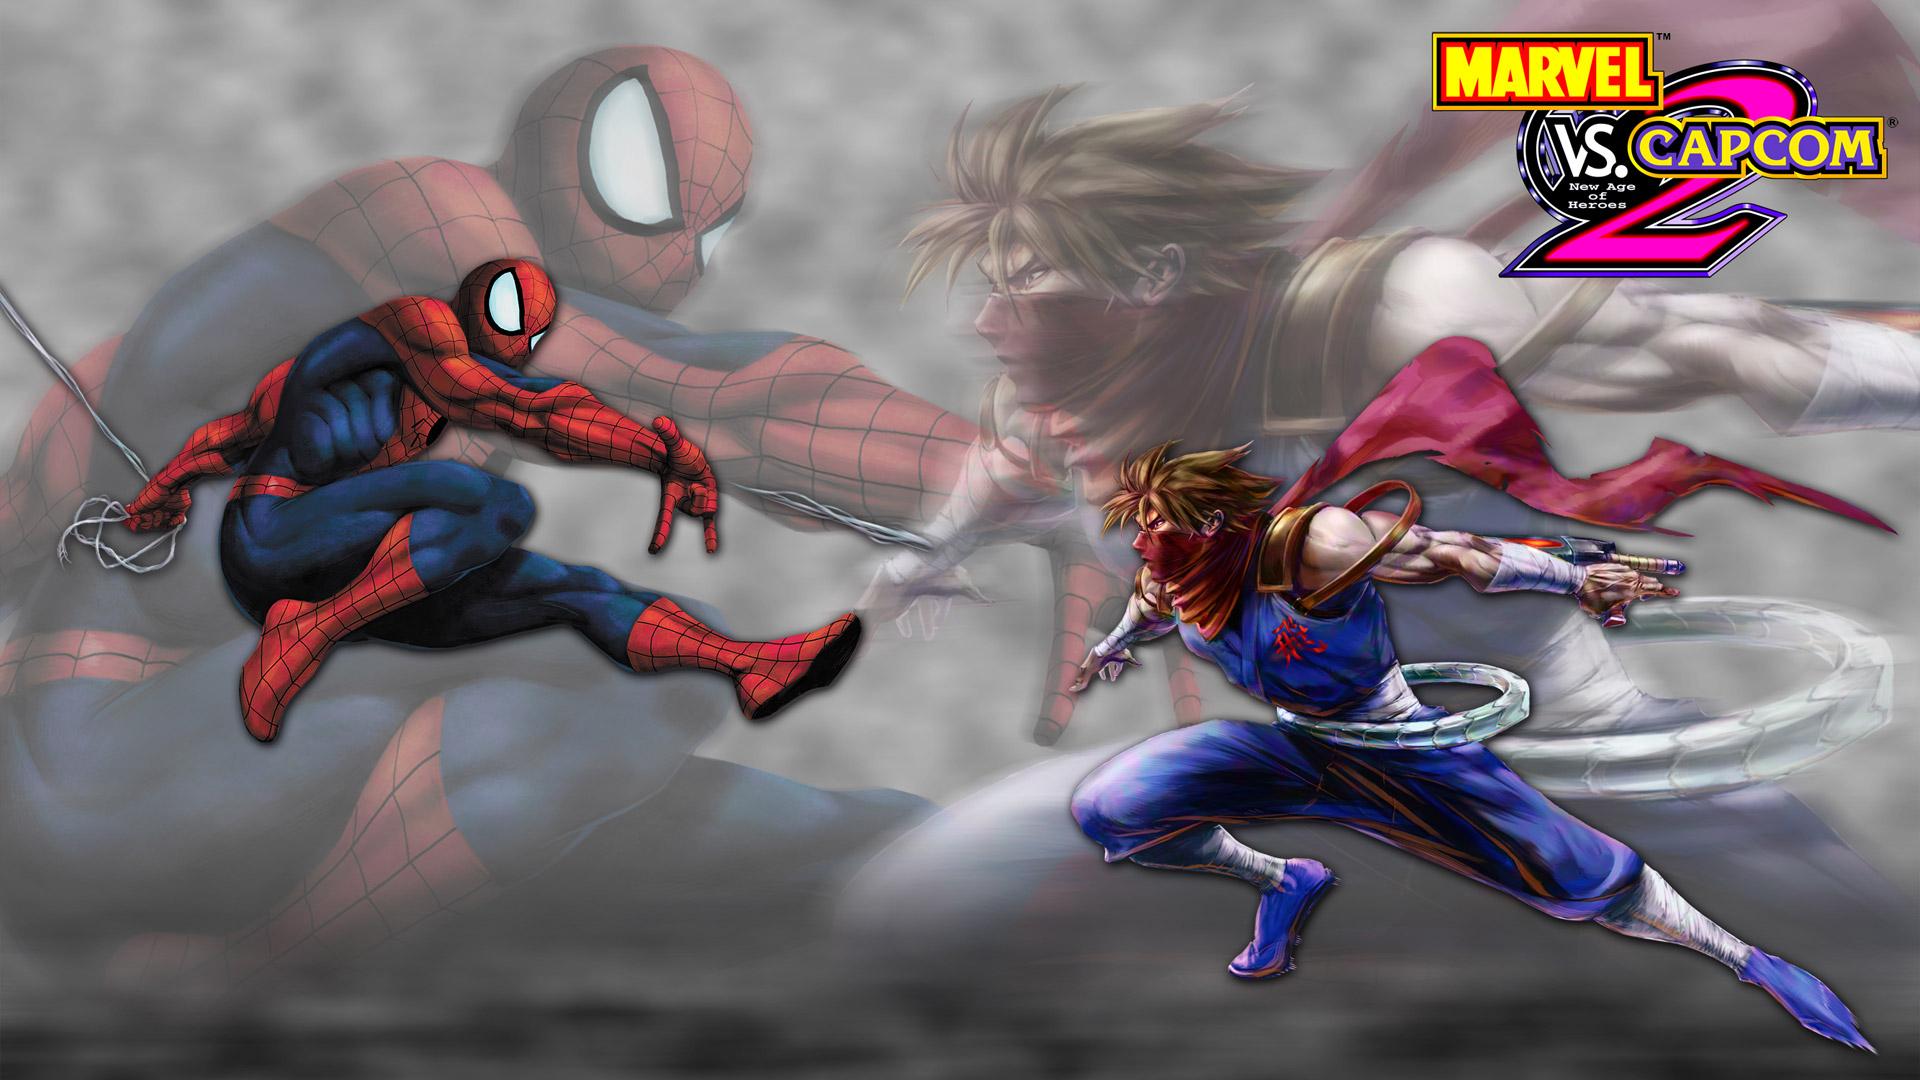 Marvel vs. Capcom 2: New Age of Heroes Wallpaper in 1920x1080